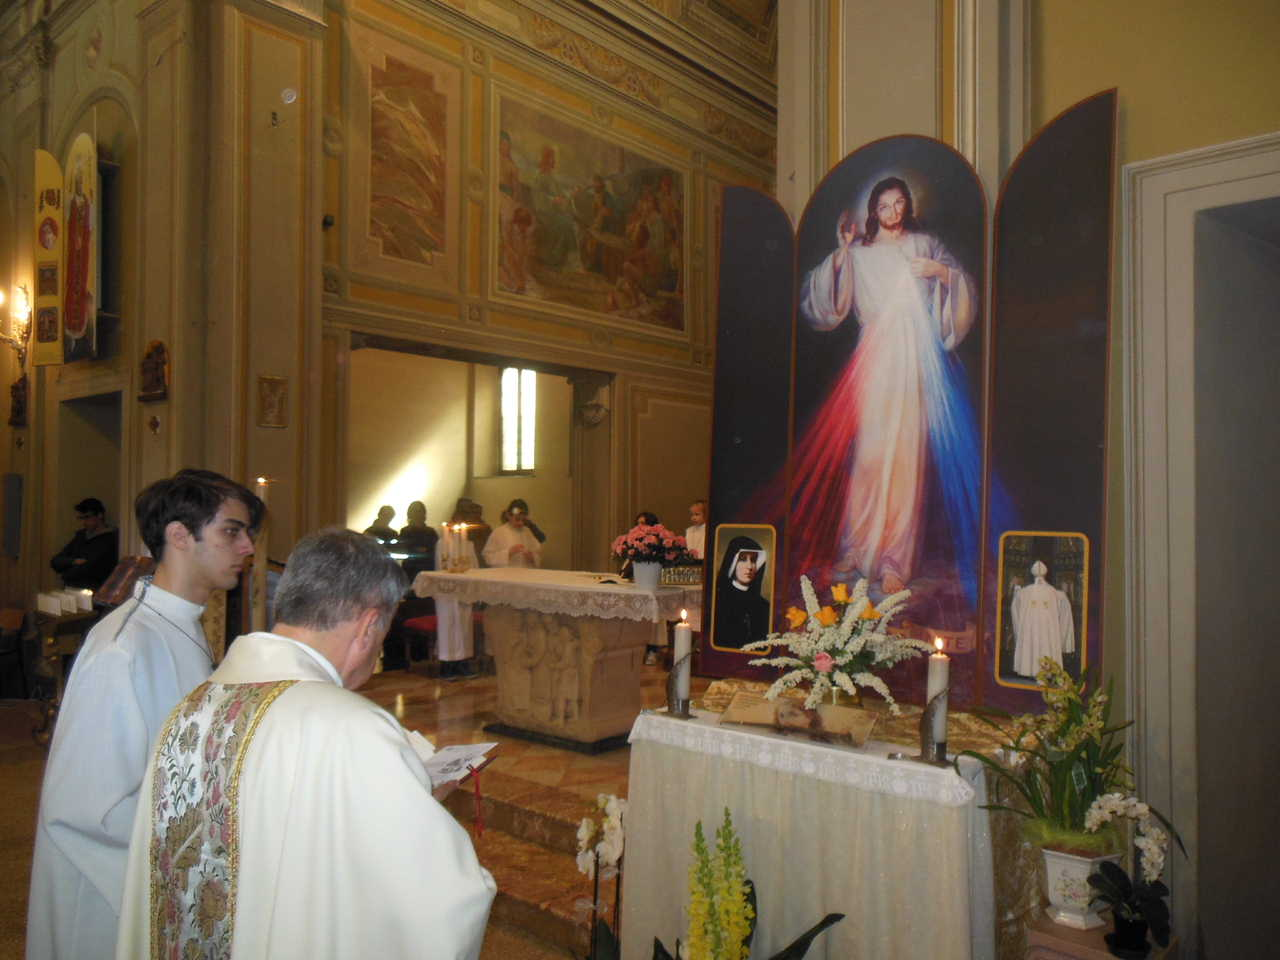 La preghiera con cui don Mauro ha benedetto il trittico.